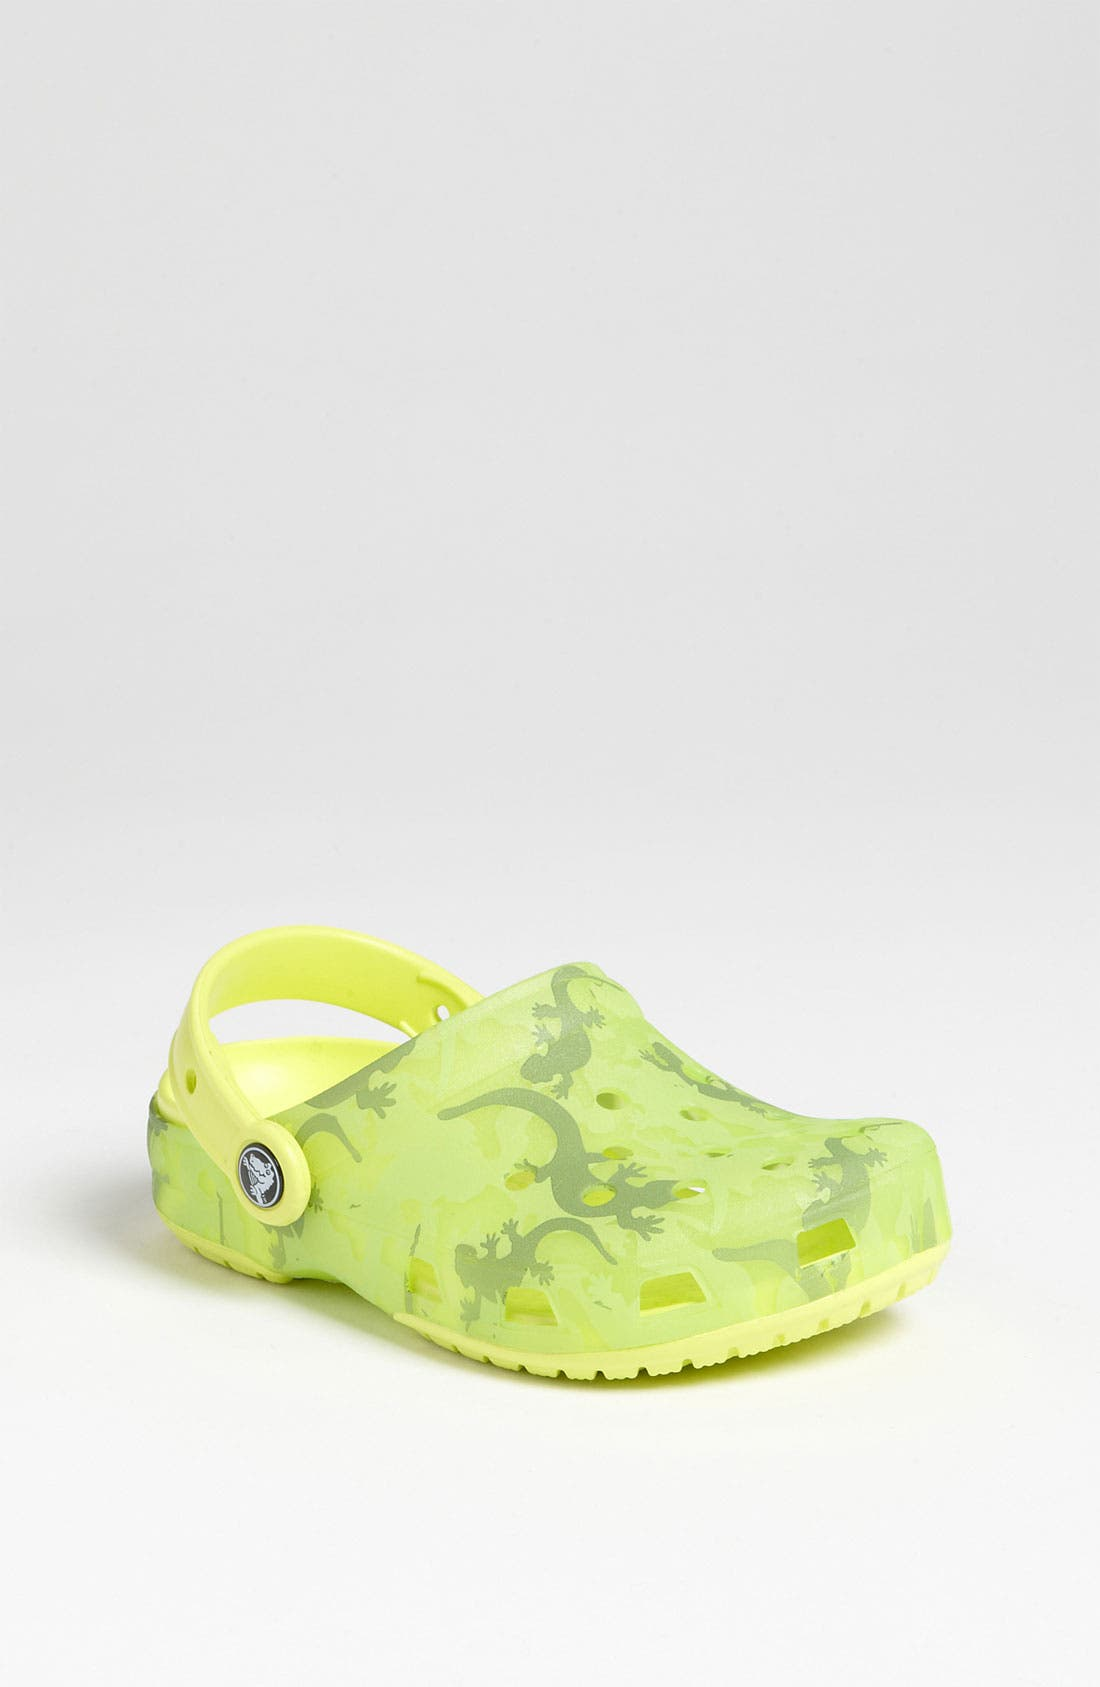 Main Image - CROCS™ 'Chameleon Lizard' Slip-On (Walker, Toddler & Little Kid)